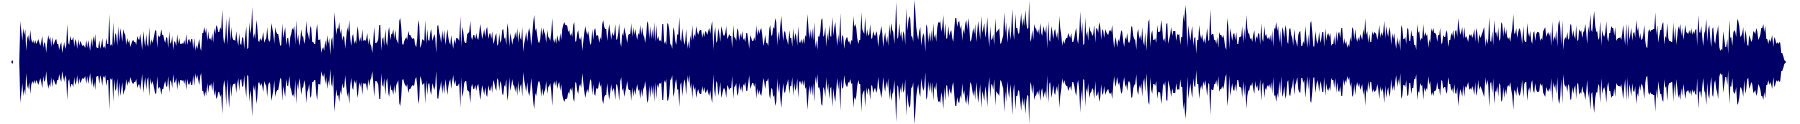 waveform of track #67499